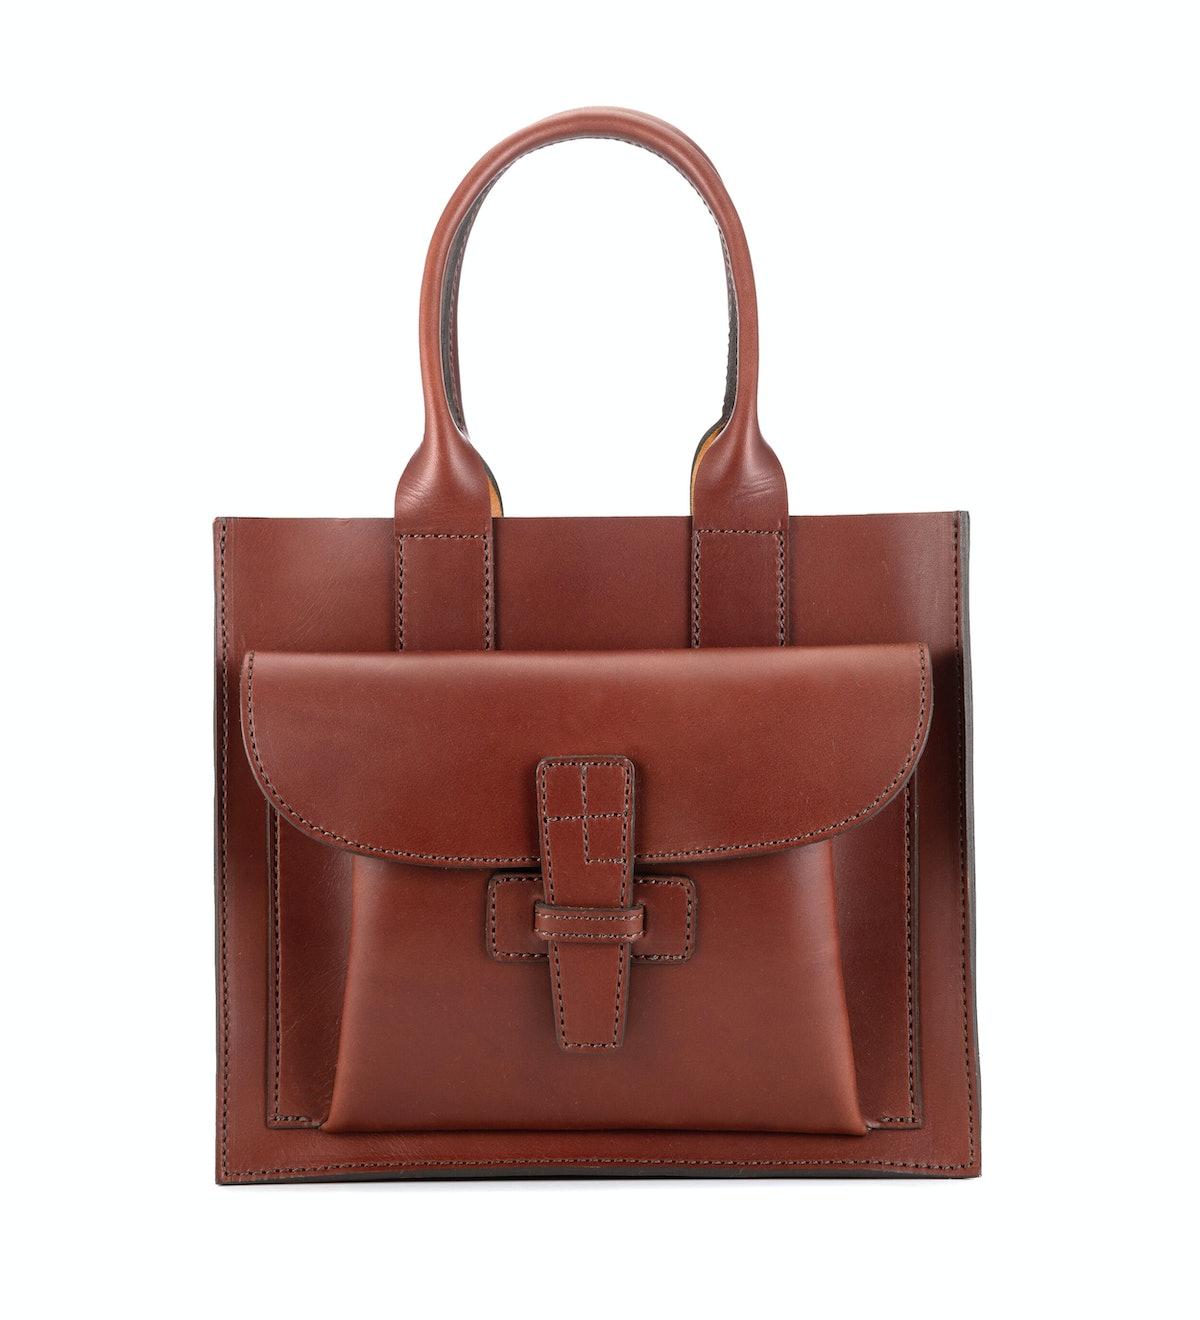 Sac 1 Bag